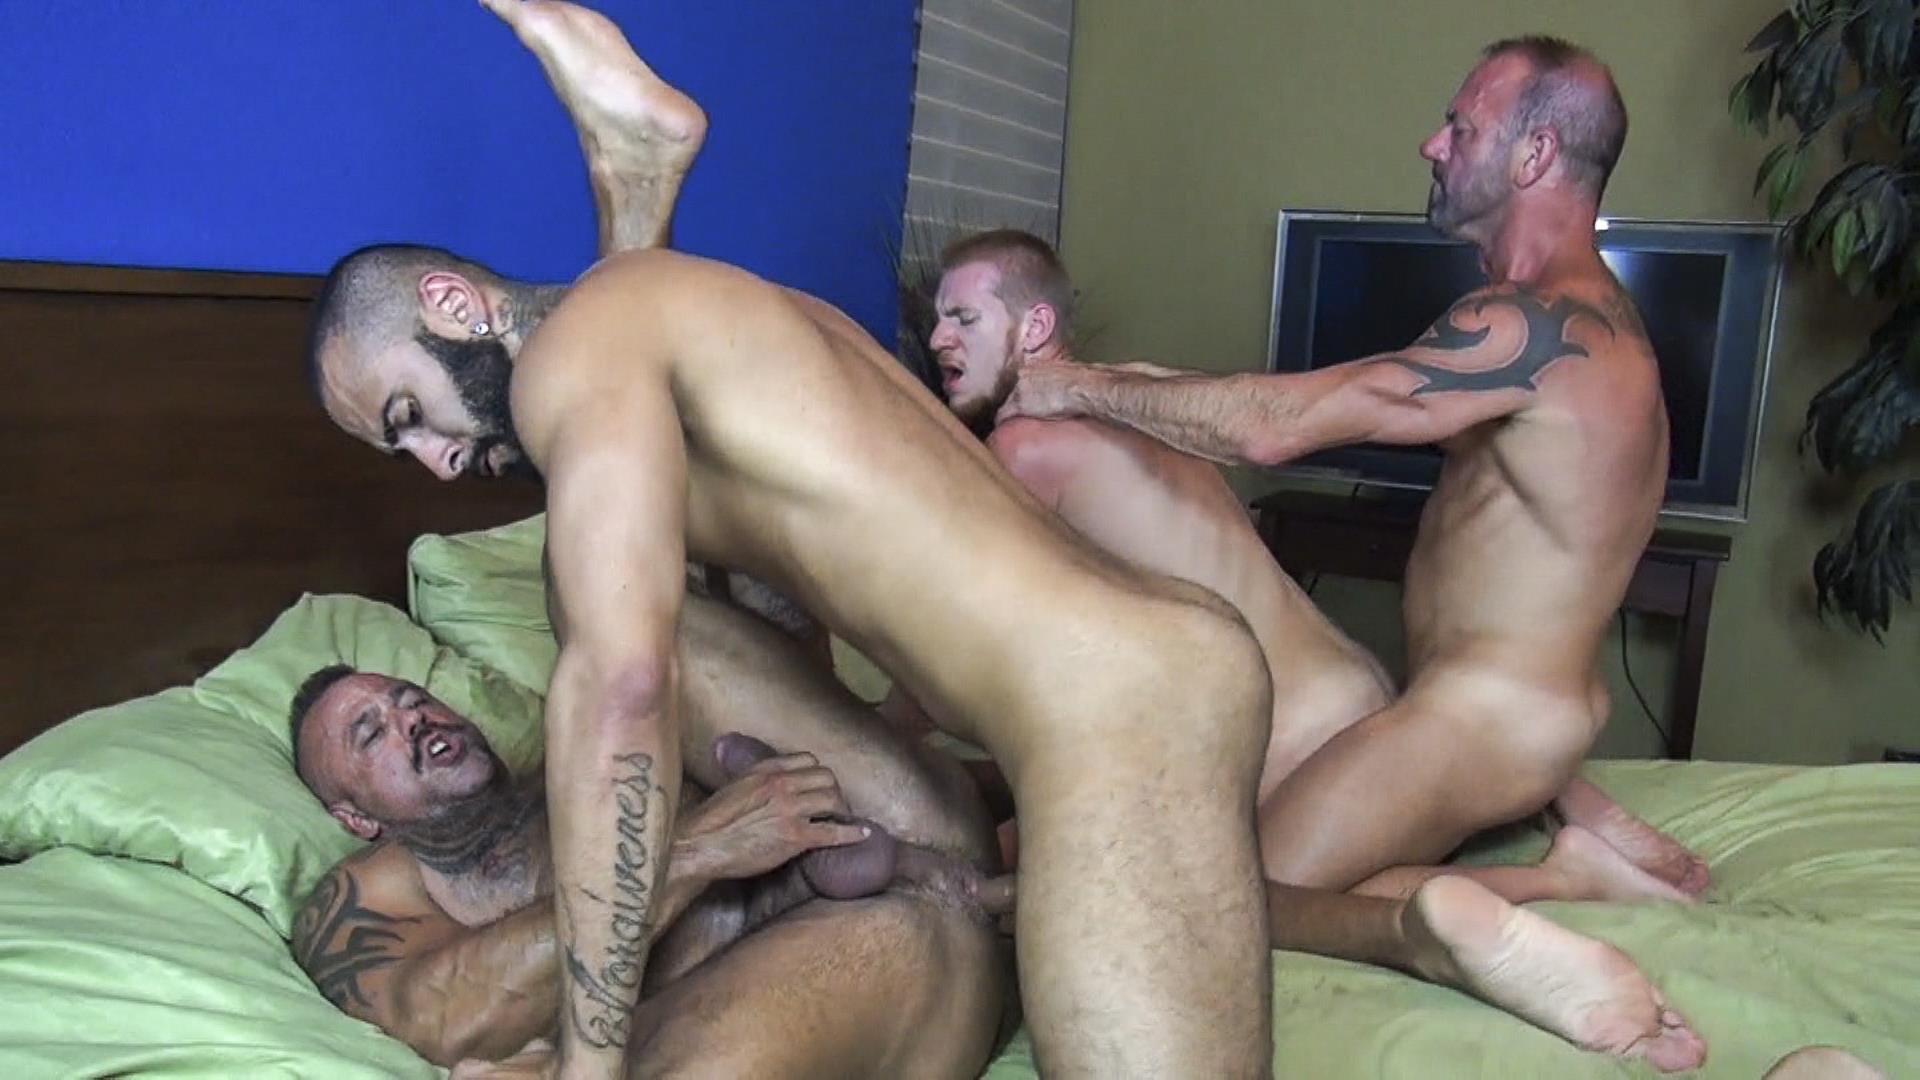 big thick ass riding dick gay